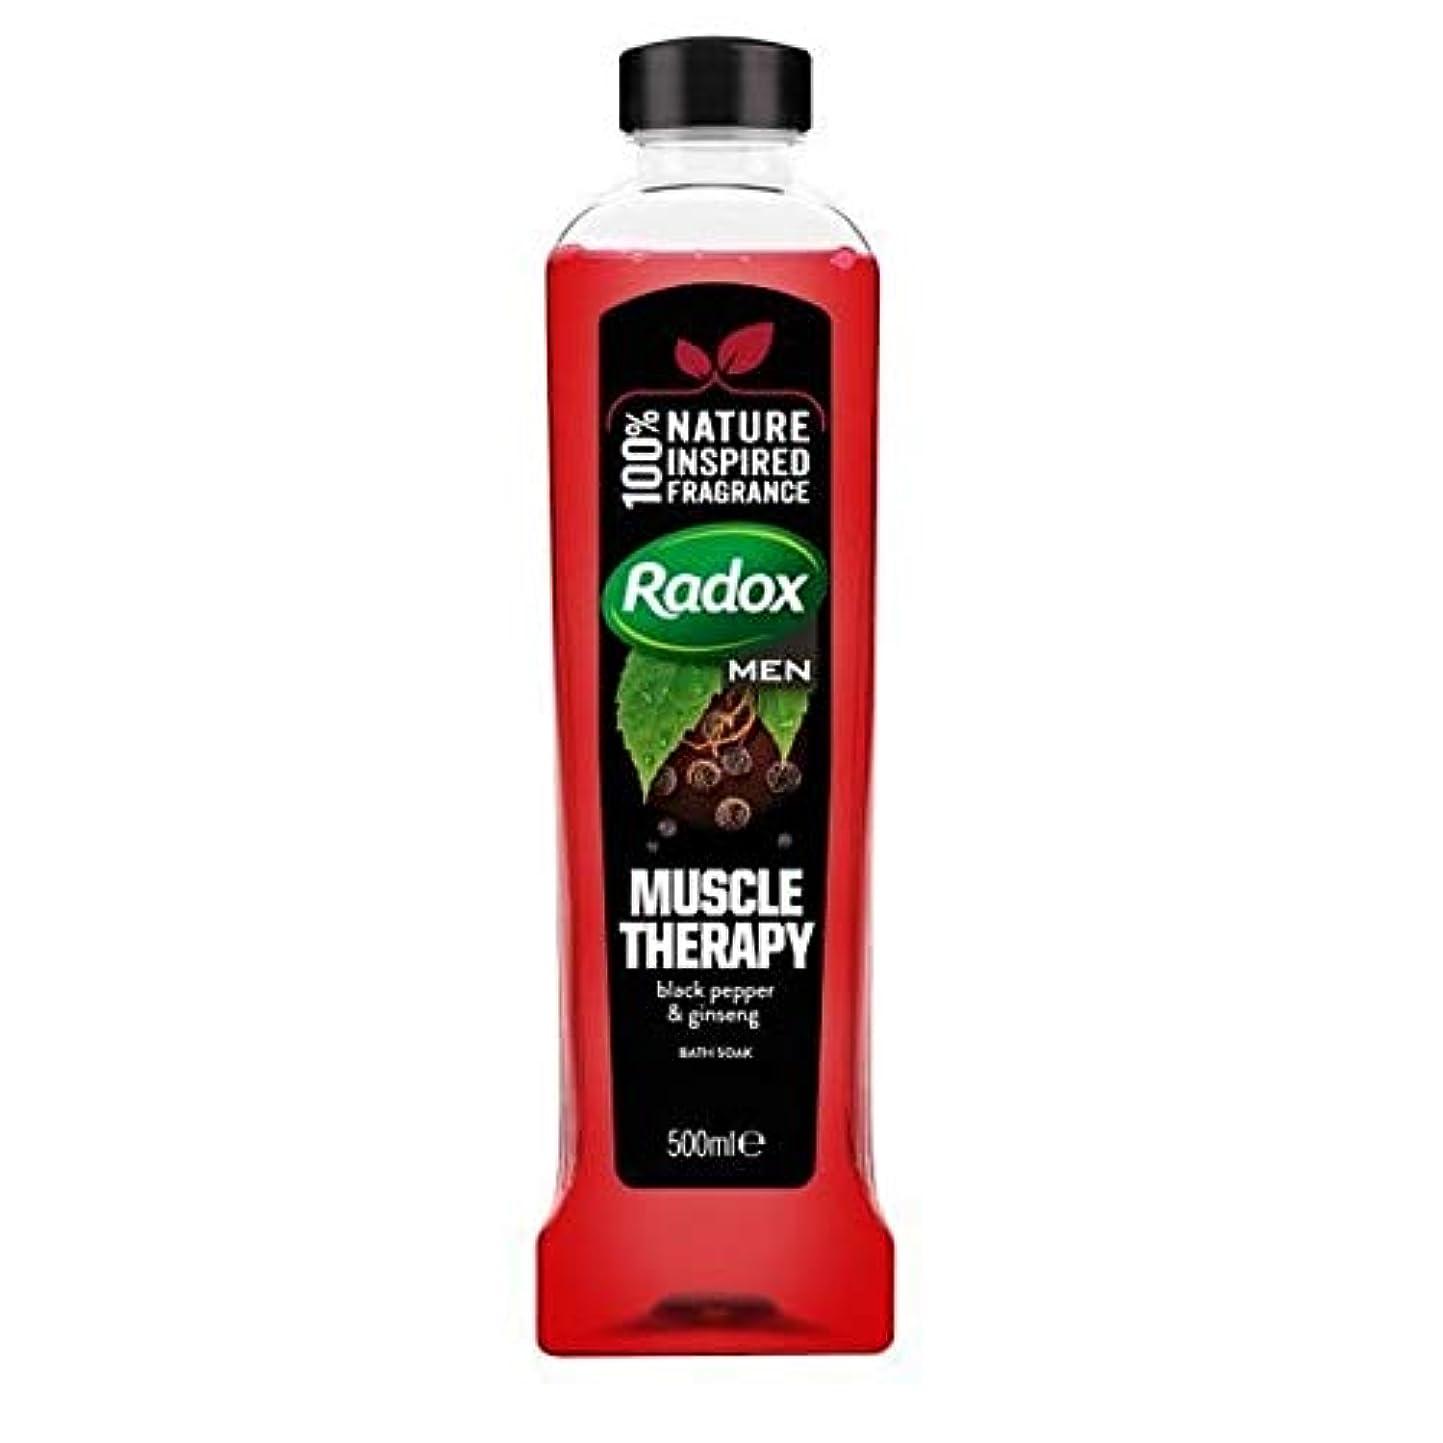 スティックローンネックレット[Radox] Radoxは、500ミリリットルのソーク良い香り筋肉の治療風呂を感じます - Radox Feel Good Fragrance Muscle Therapy Bath Soak 500ml [並行輸入品]